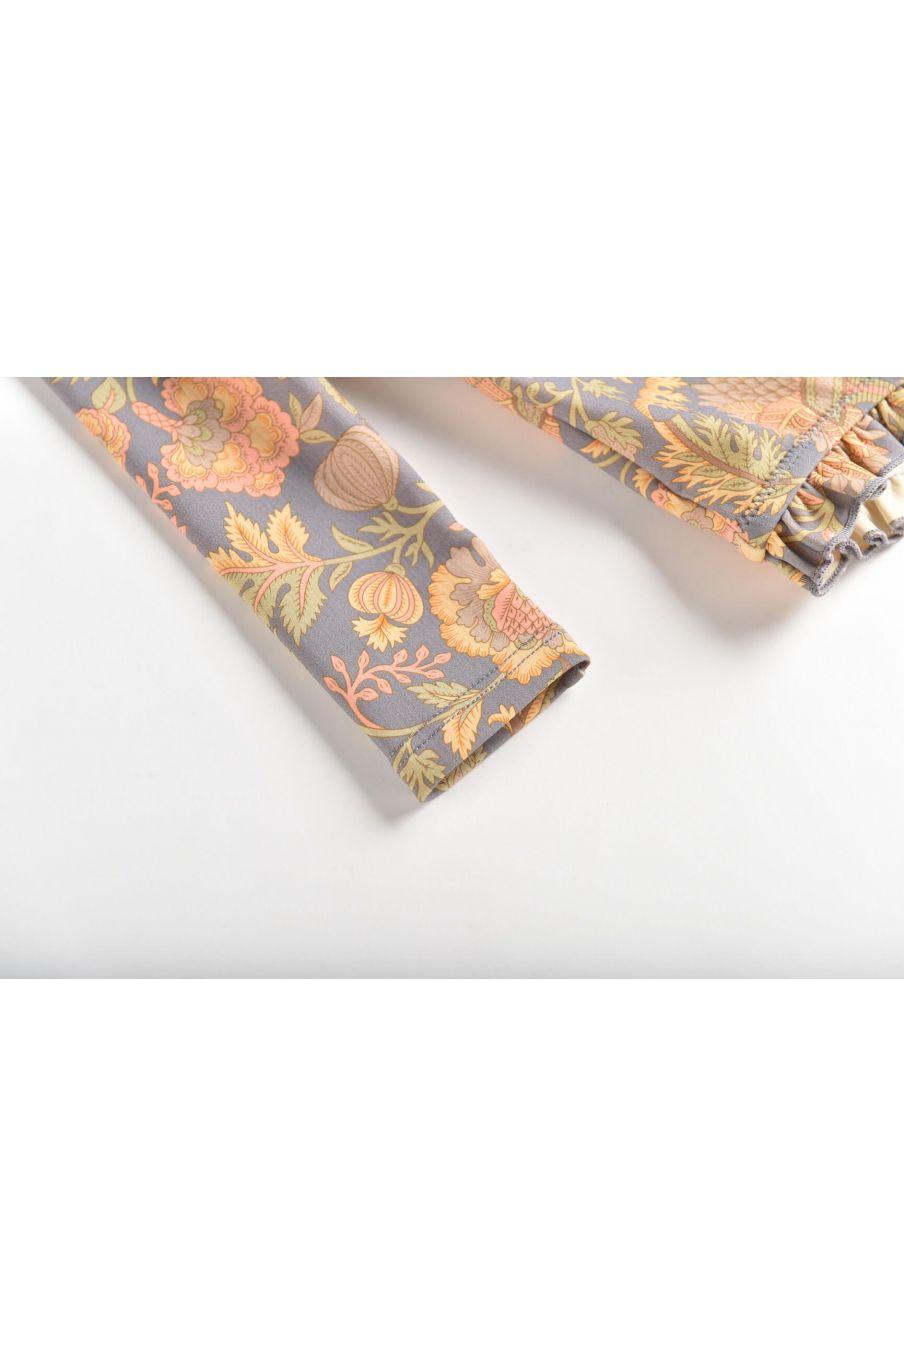 boheme chic vintage set de protection uv fille aurelie grey california flowers